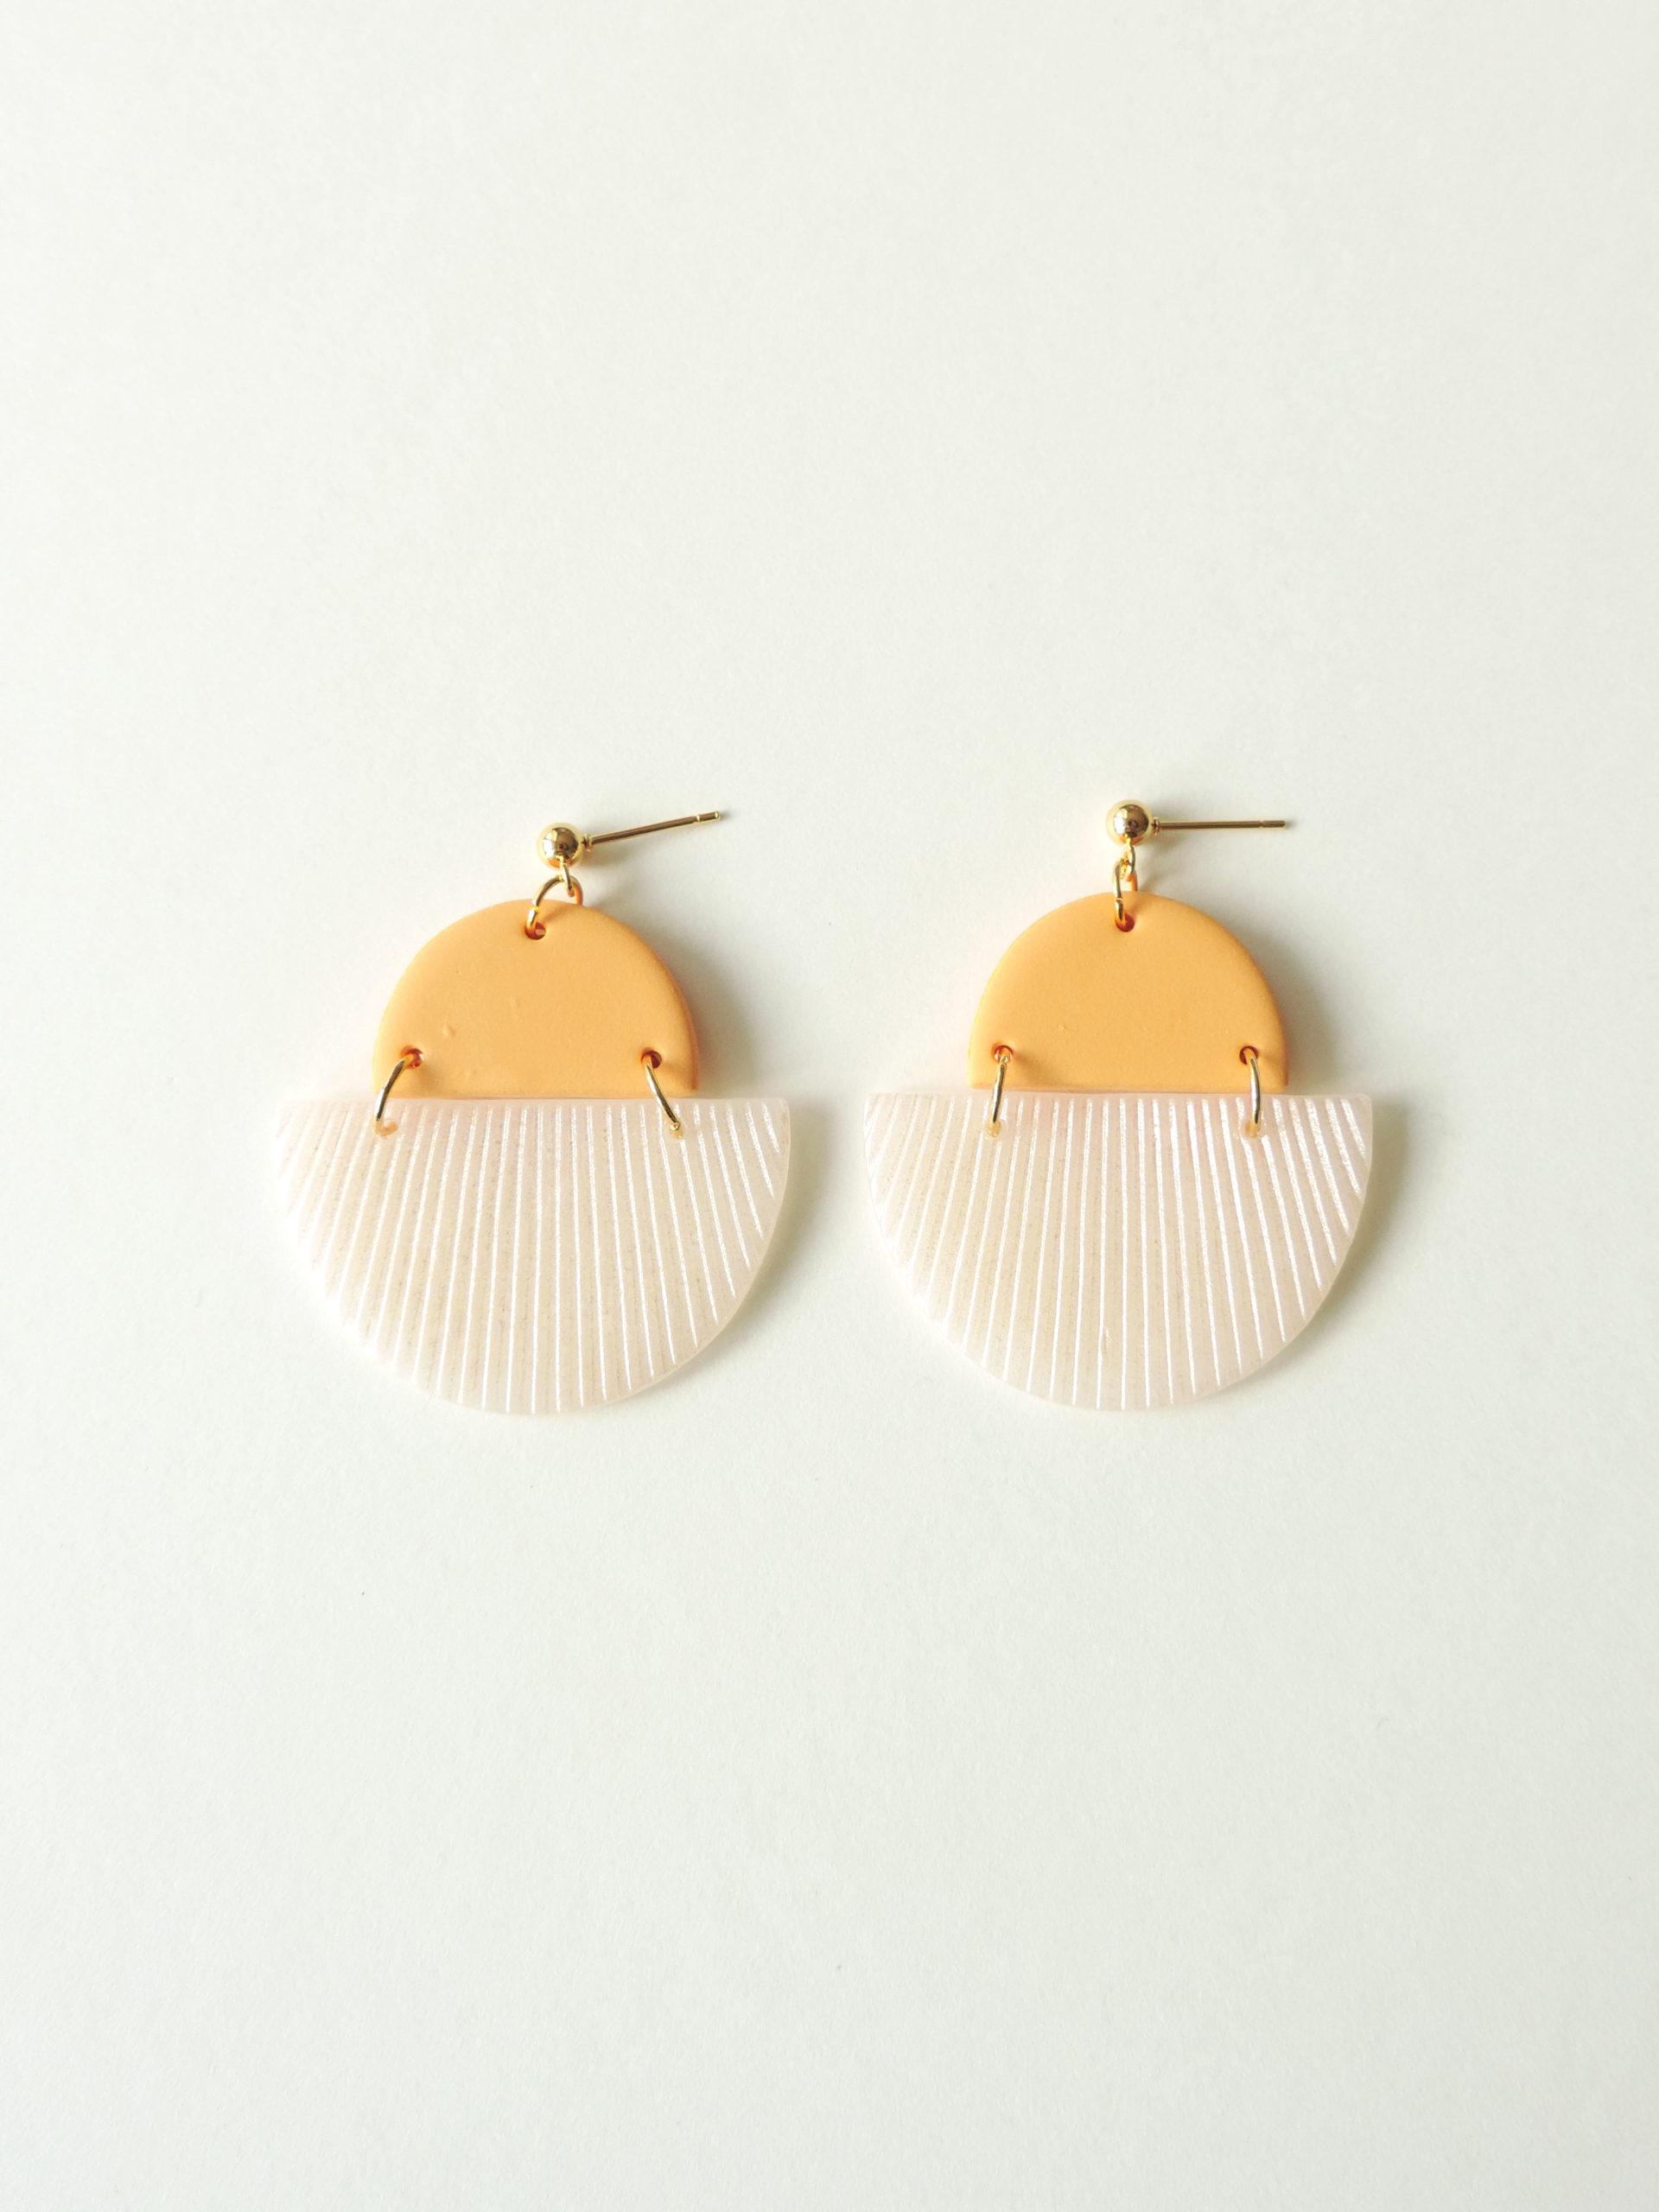 Boucles d'oreilles personnalisables, Kouklaki